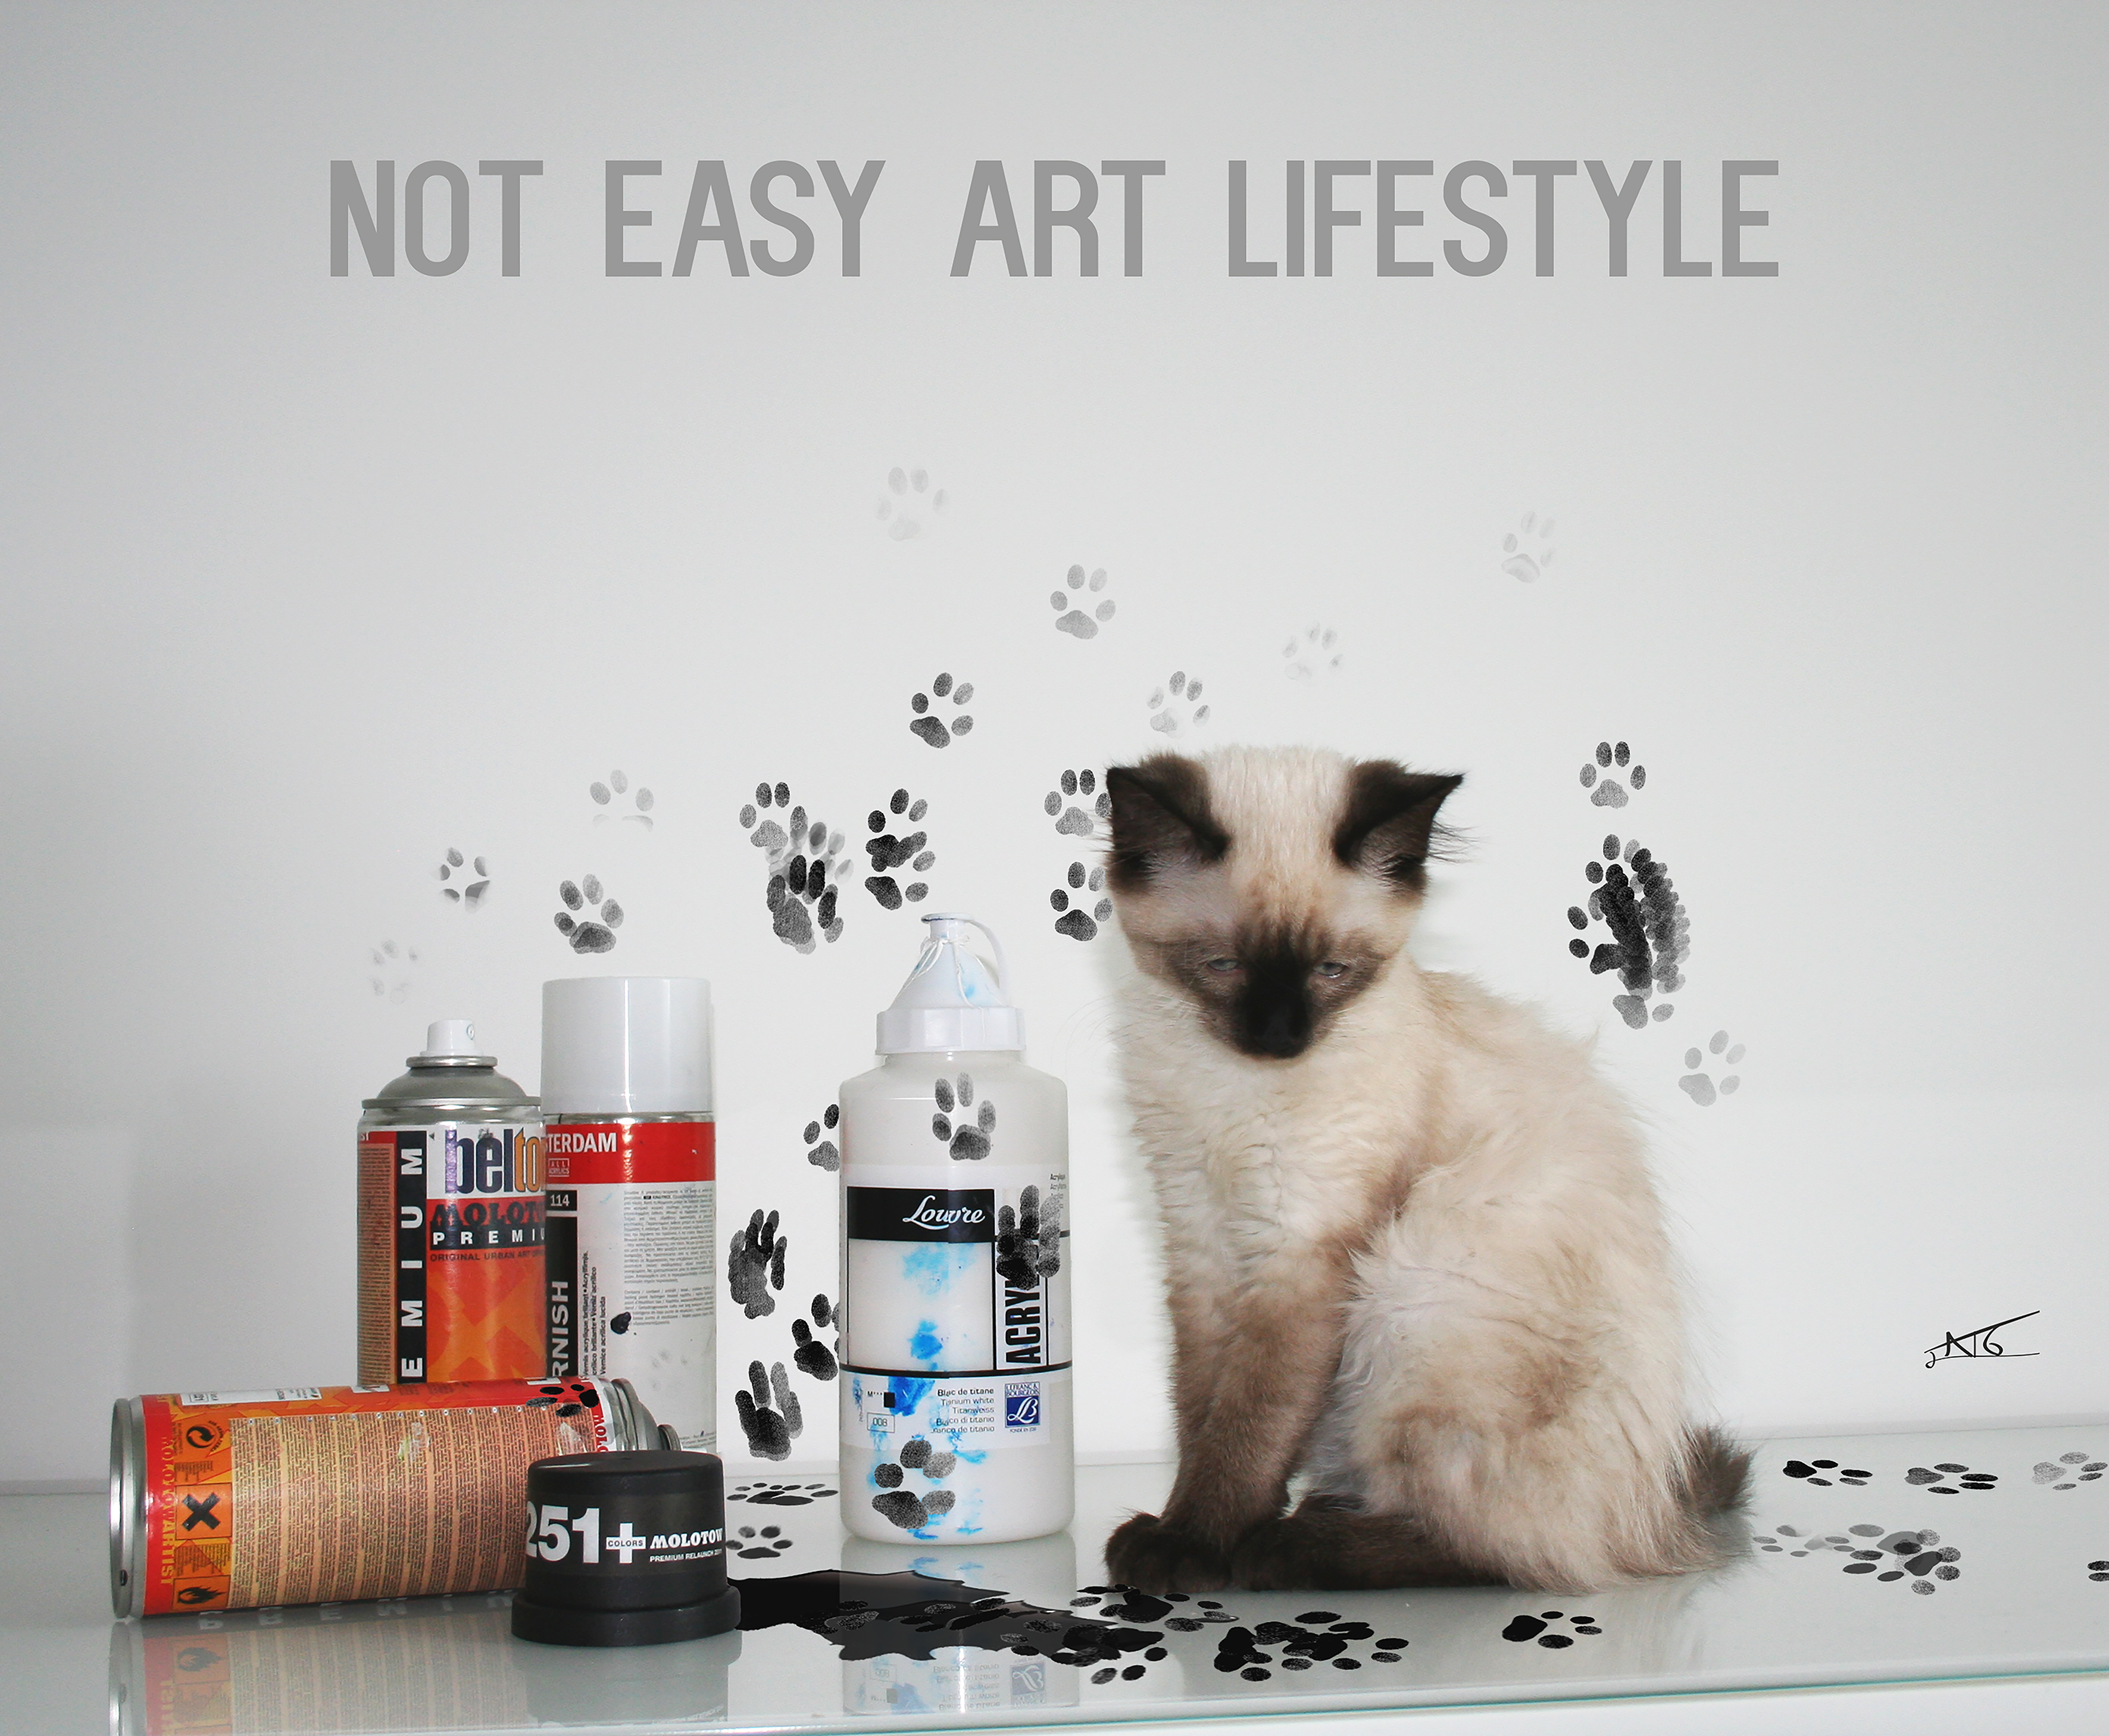 NOT EASY ART LIFESTYLE 100 x 83 cm 2000 €